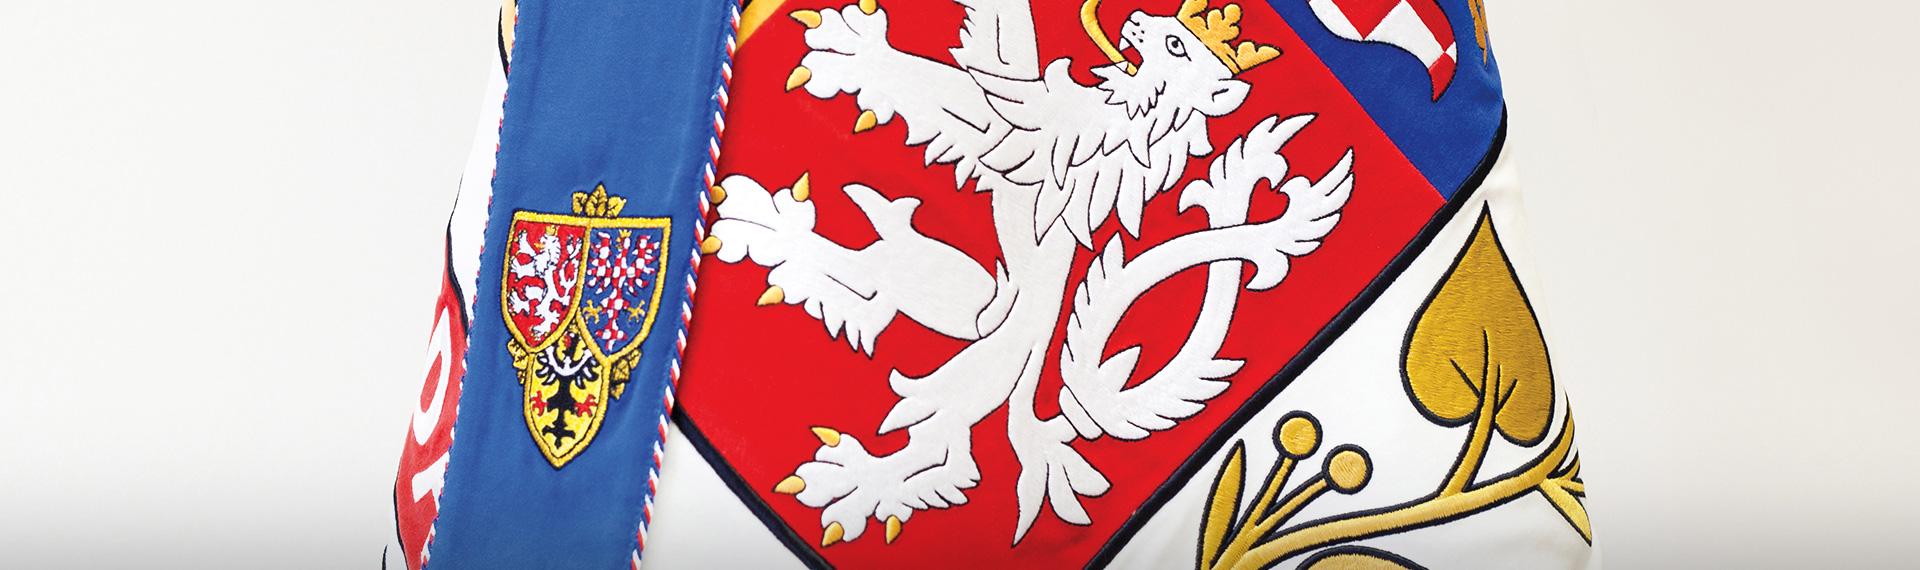 Kolekce symbolů pro instituce a úřady